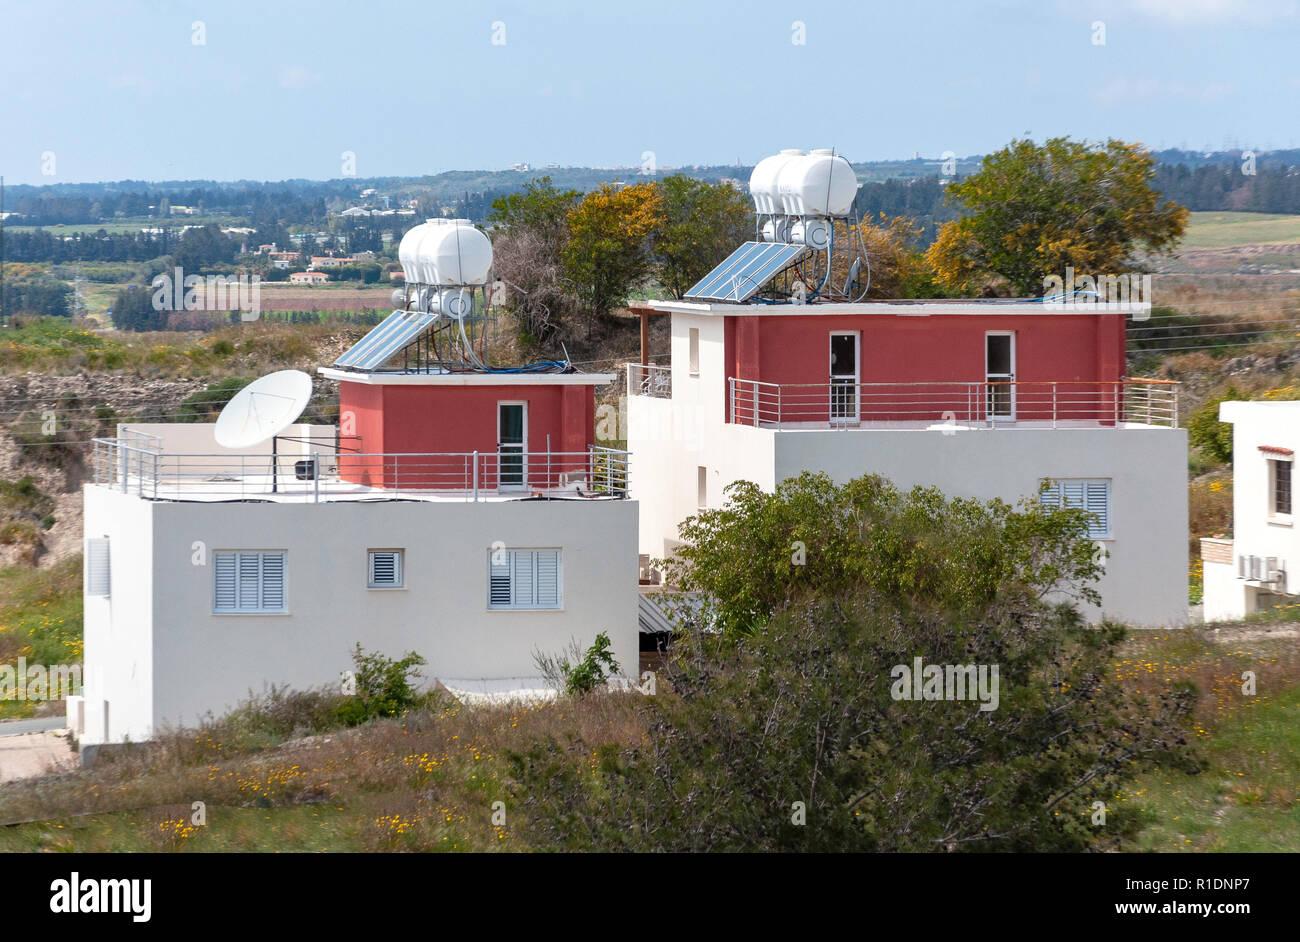 Nouvelles maisons avec des panneaux solaires et des réservoirs d'eau, Kouklia, Pafos District, République de Chypre Photo Stock